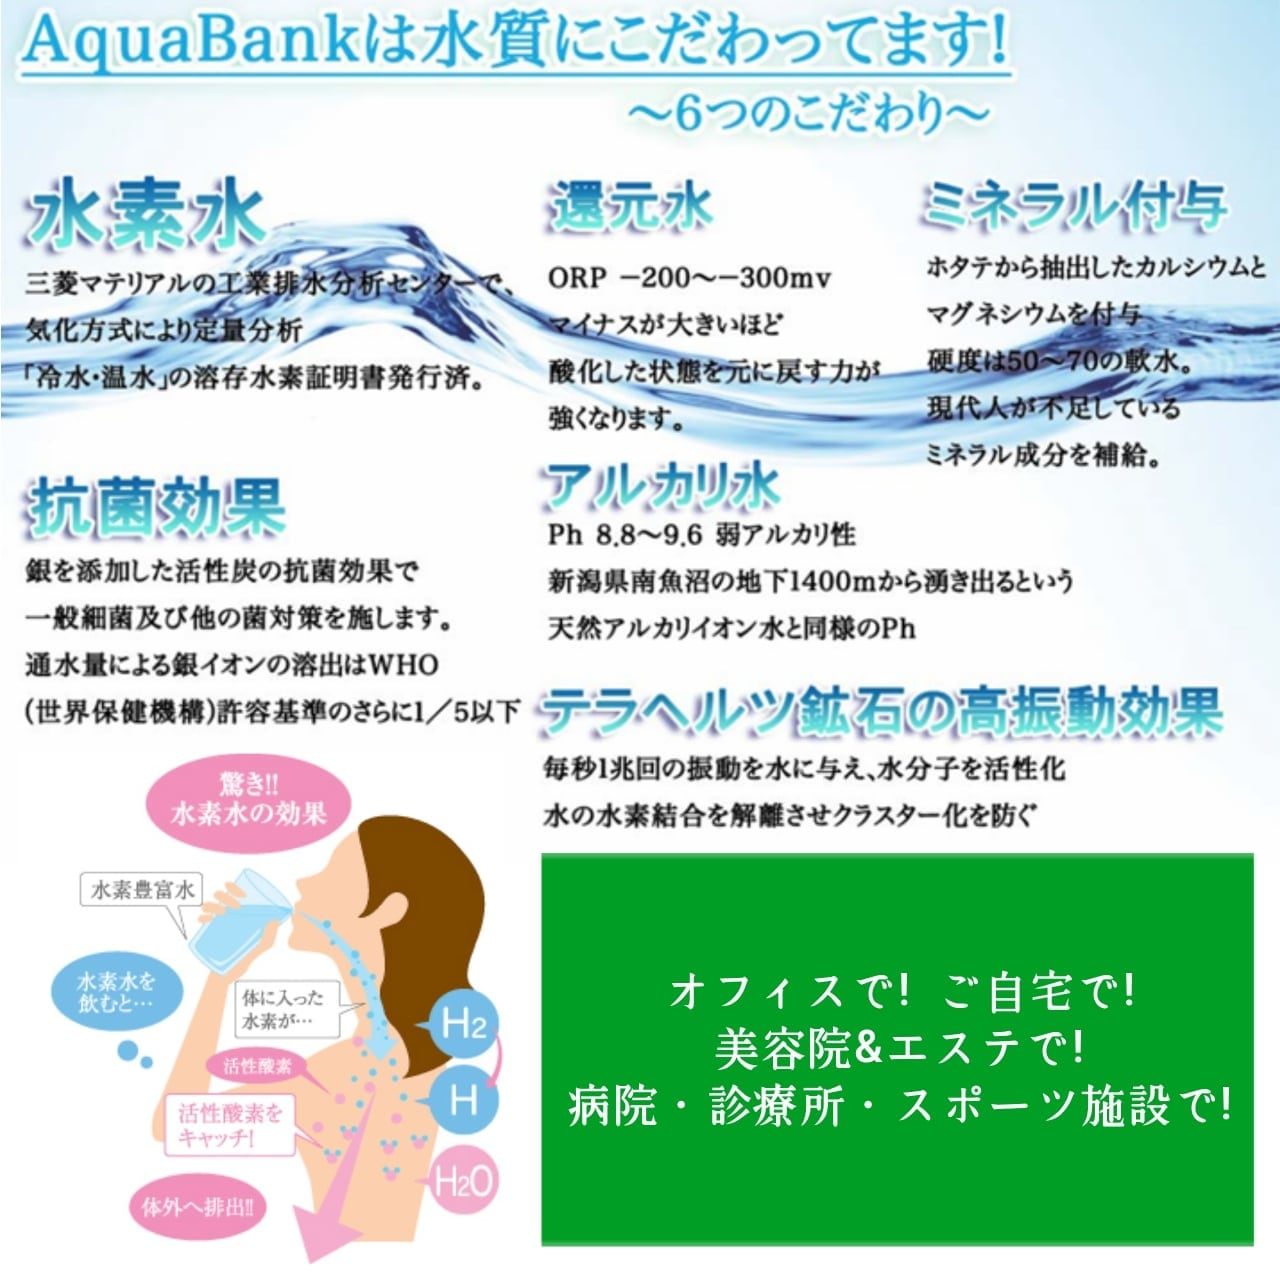 【お客様設置】AquaBank水素水レンタルサーバー(セルフ設置コース・初回払い・初月分・2ヶ月目分と登録料込代金チケット)/水道水を「ミネラル水素水」に!使い放題!!のイメージその2